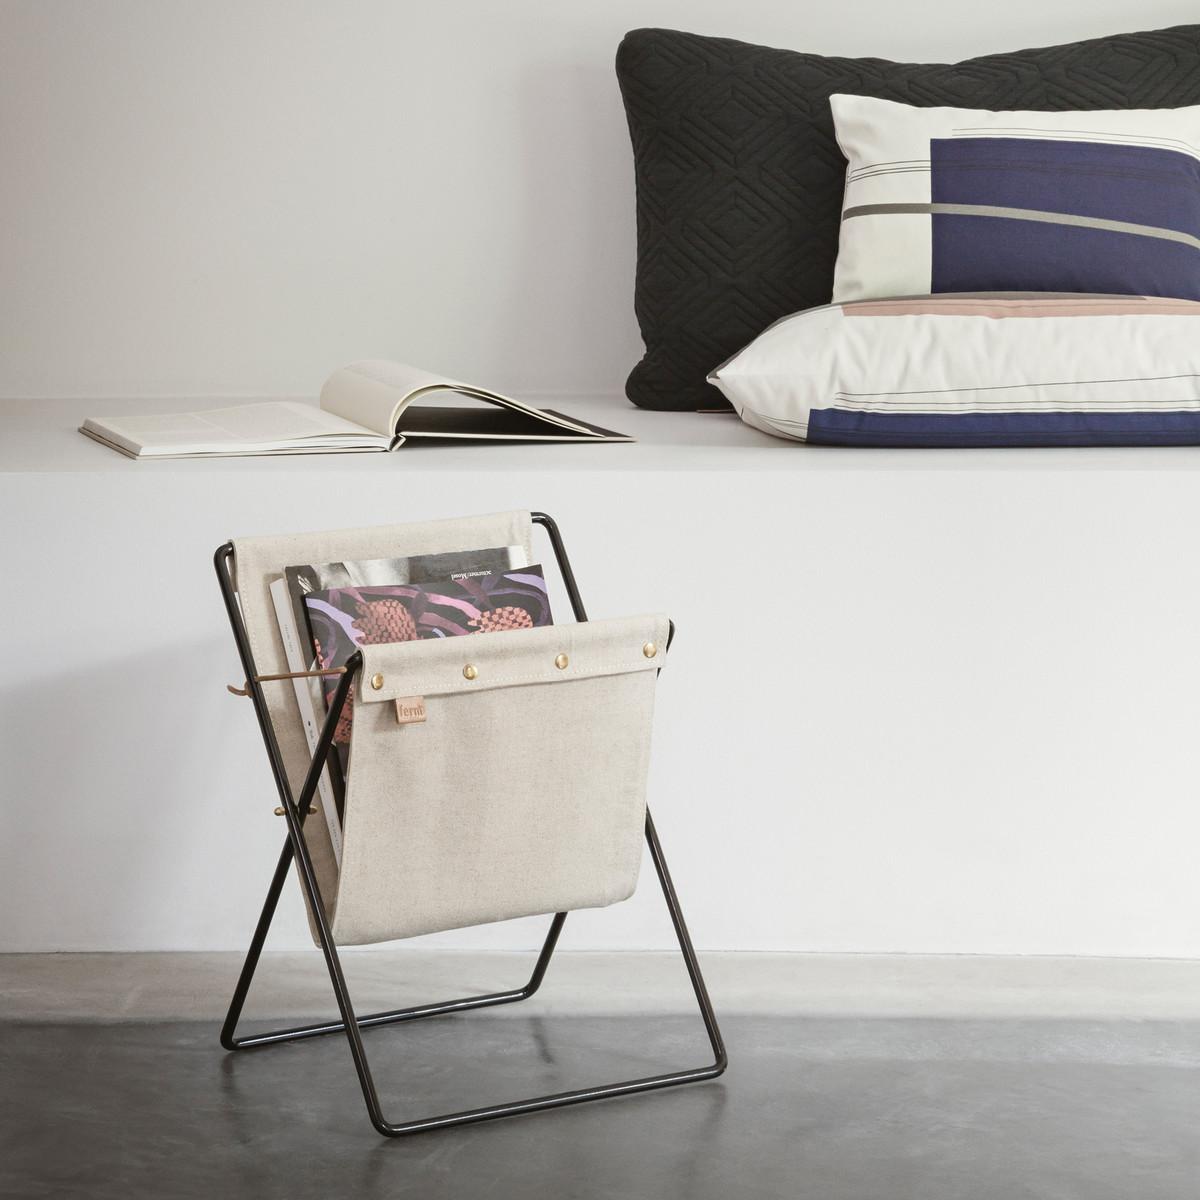 ferm-living-herman-magazinhalter-colour-block-kissen-ambiente